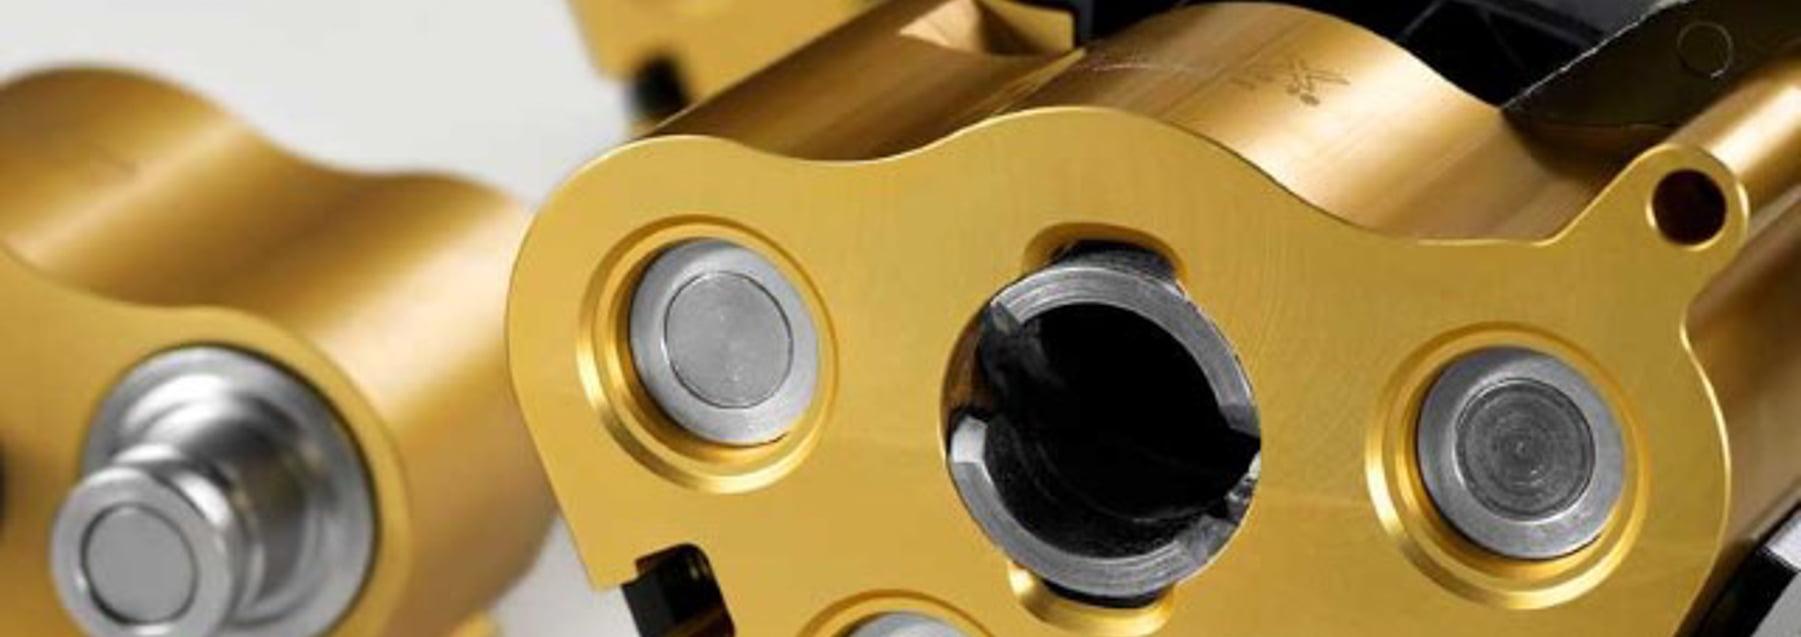 CEJN hydrauliek snelkoppelingen Bofram product